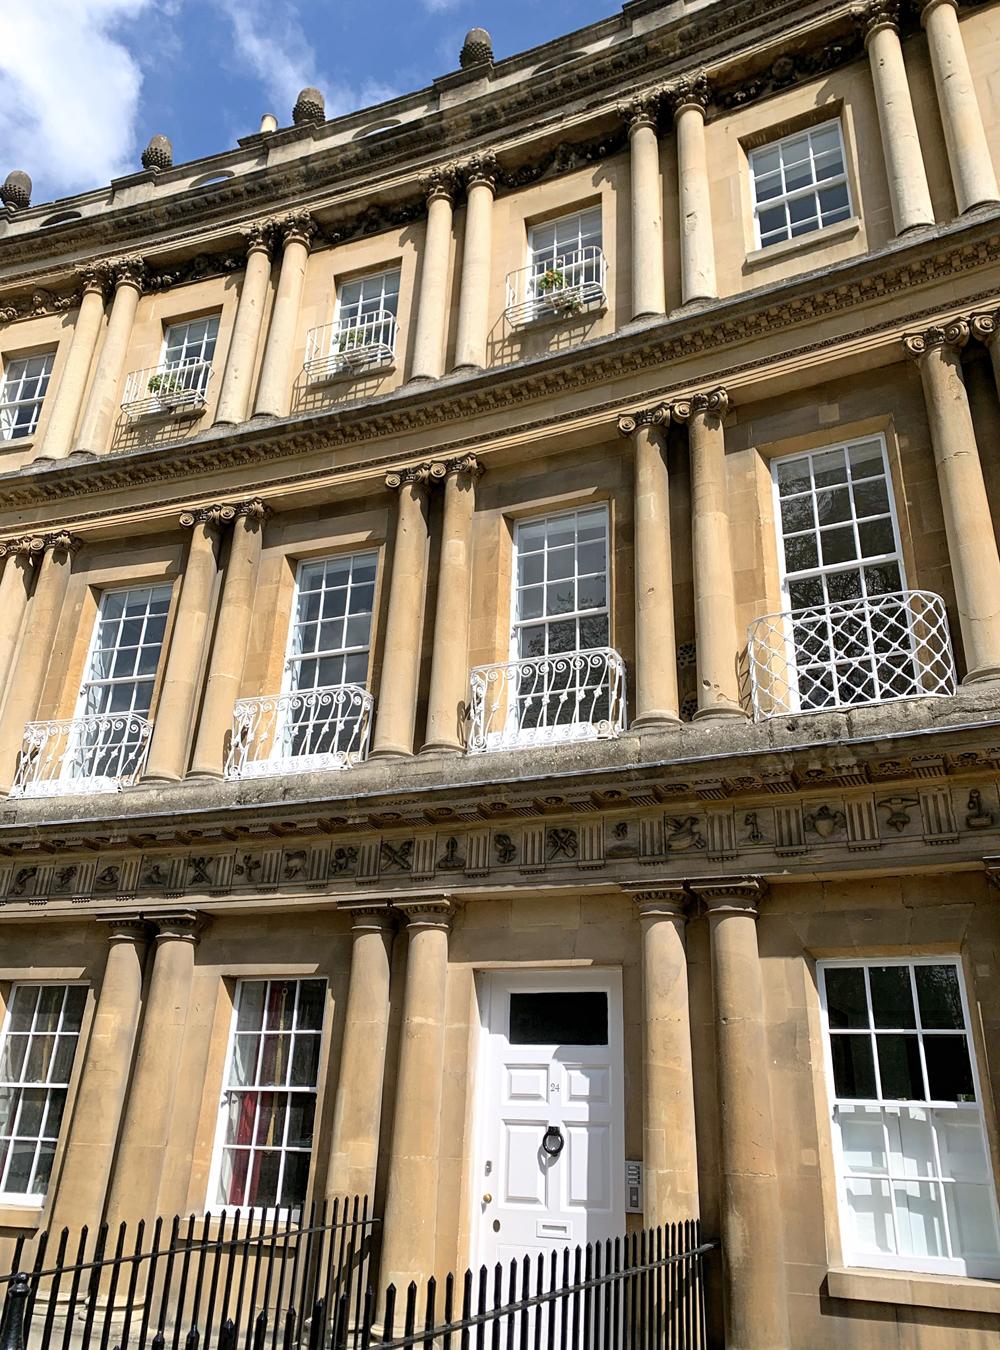 Bath Georgian architecture - Emma Louise Layla, UK travel & lifestyle blog